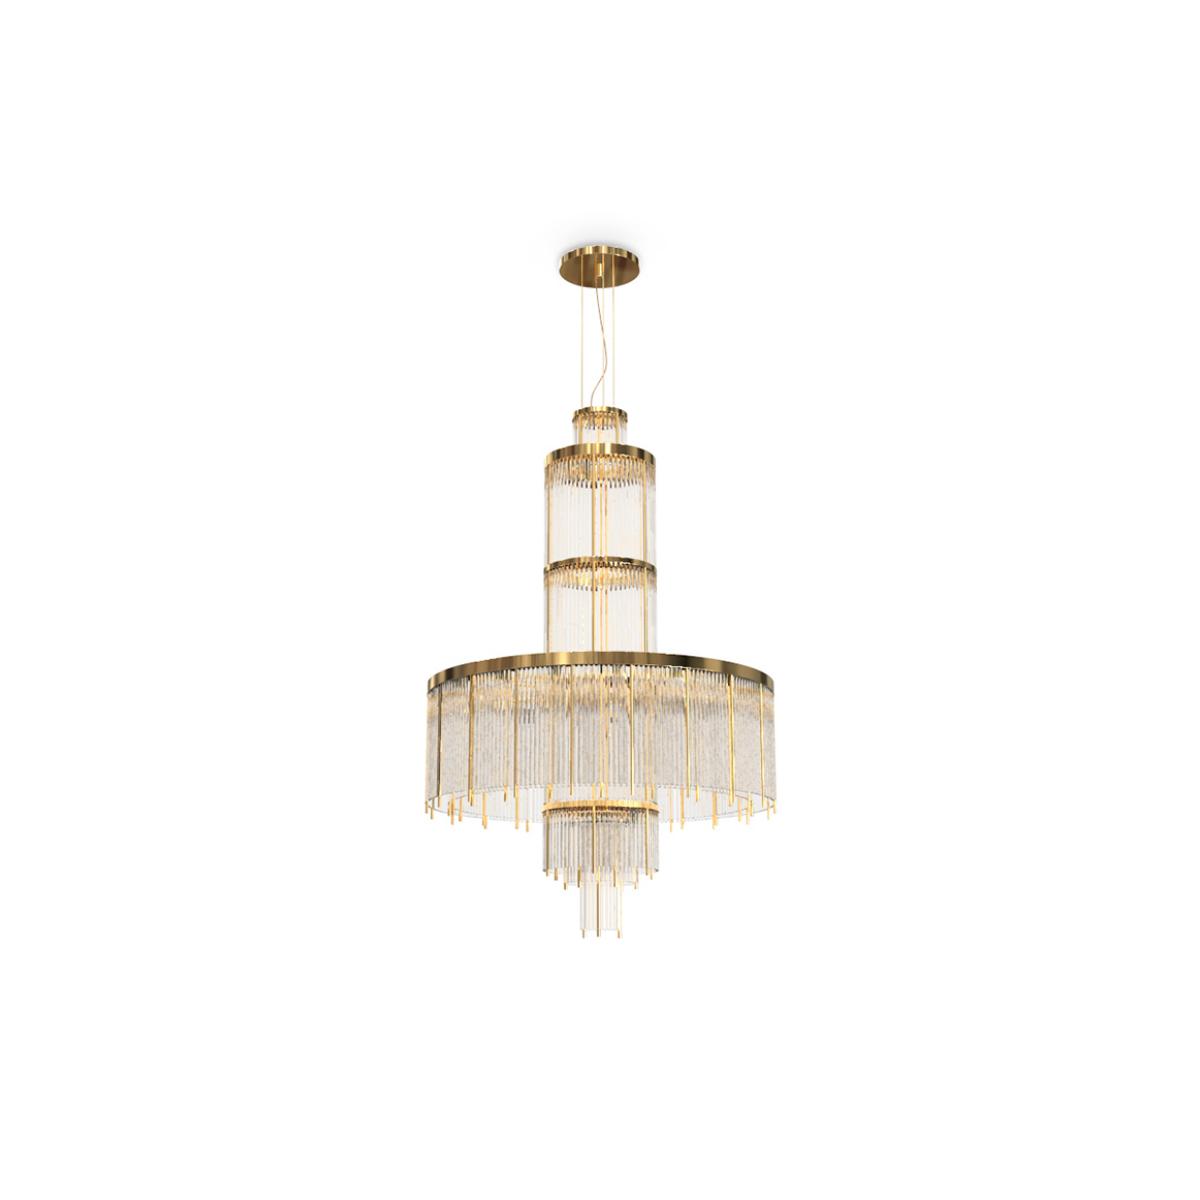 Pharo Chandelier by Luxxu Covet Lighting